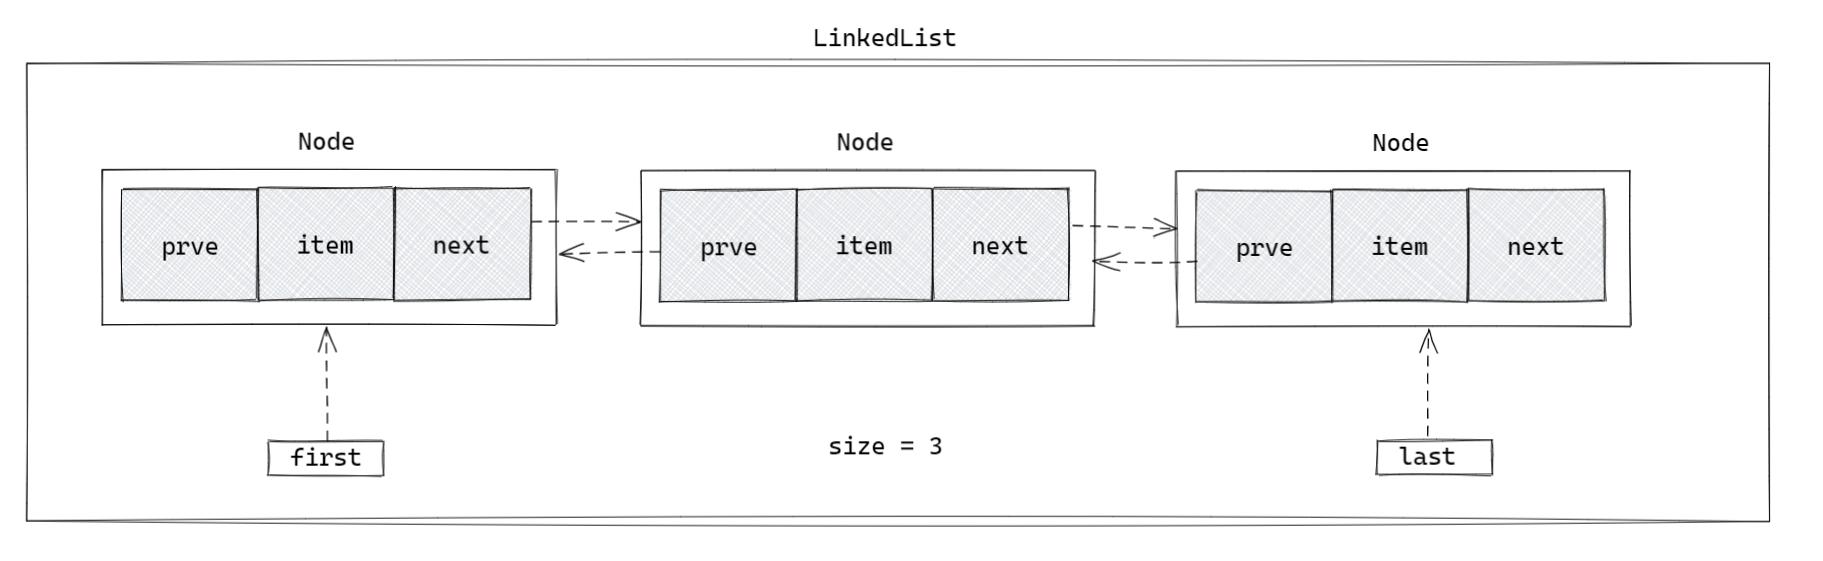 LinkedList 的结构